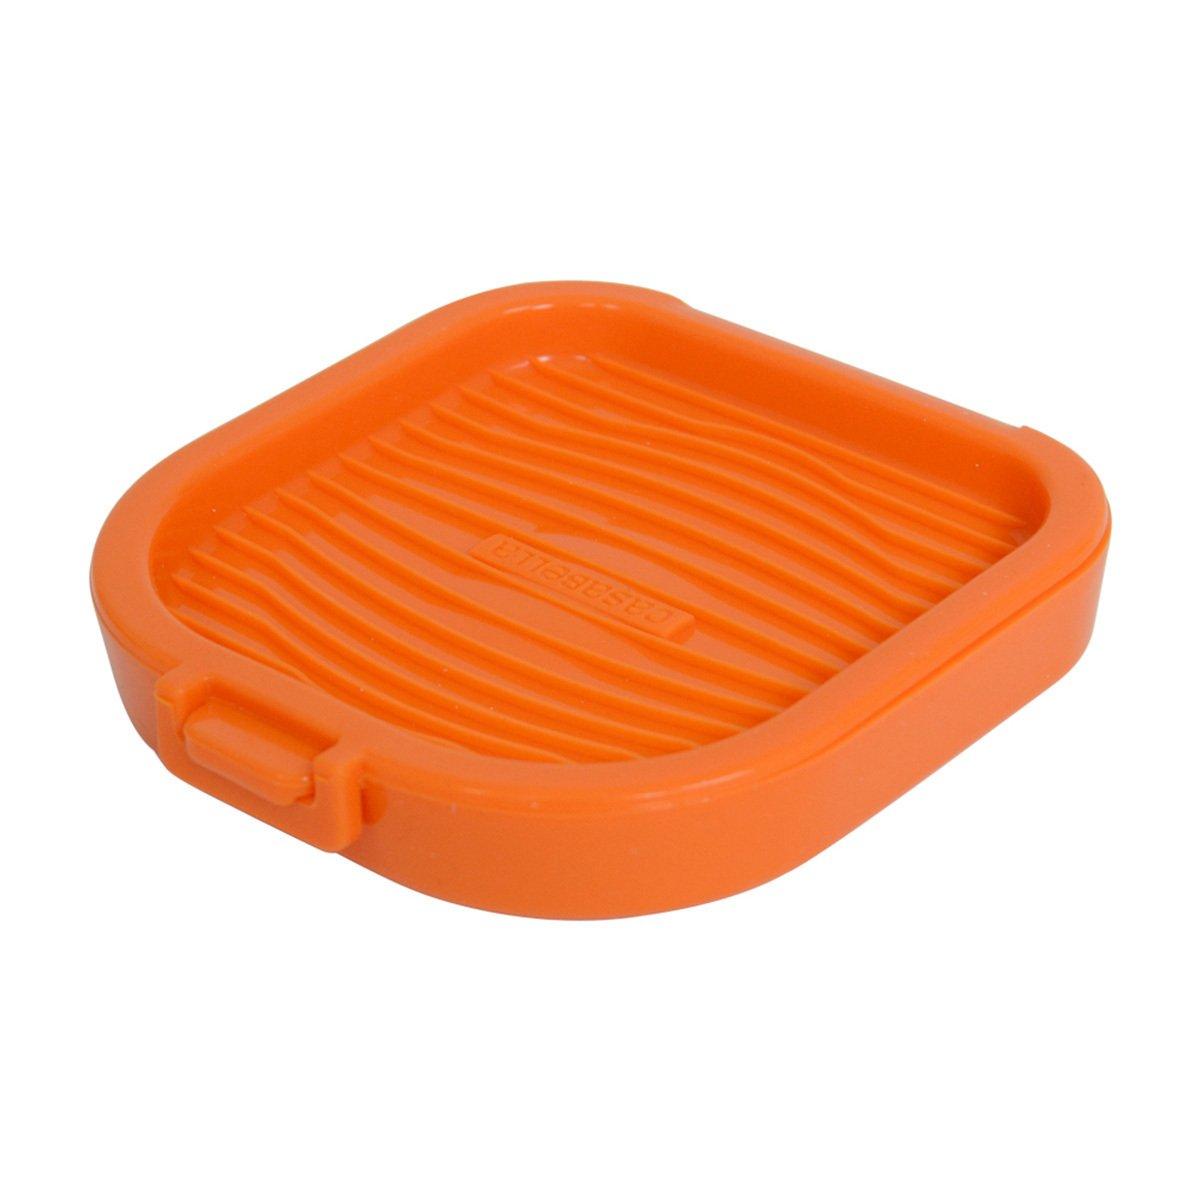 Casabella 53678 Silicone Microegg (Orange)